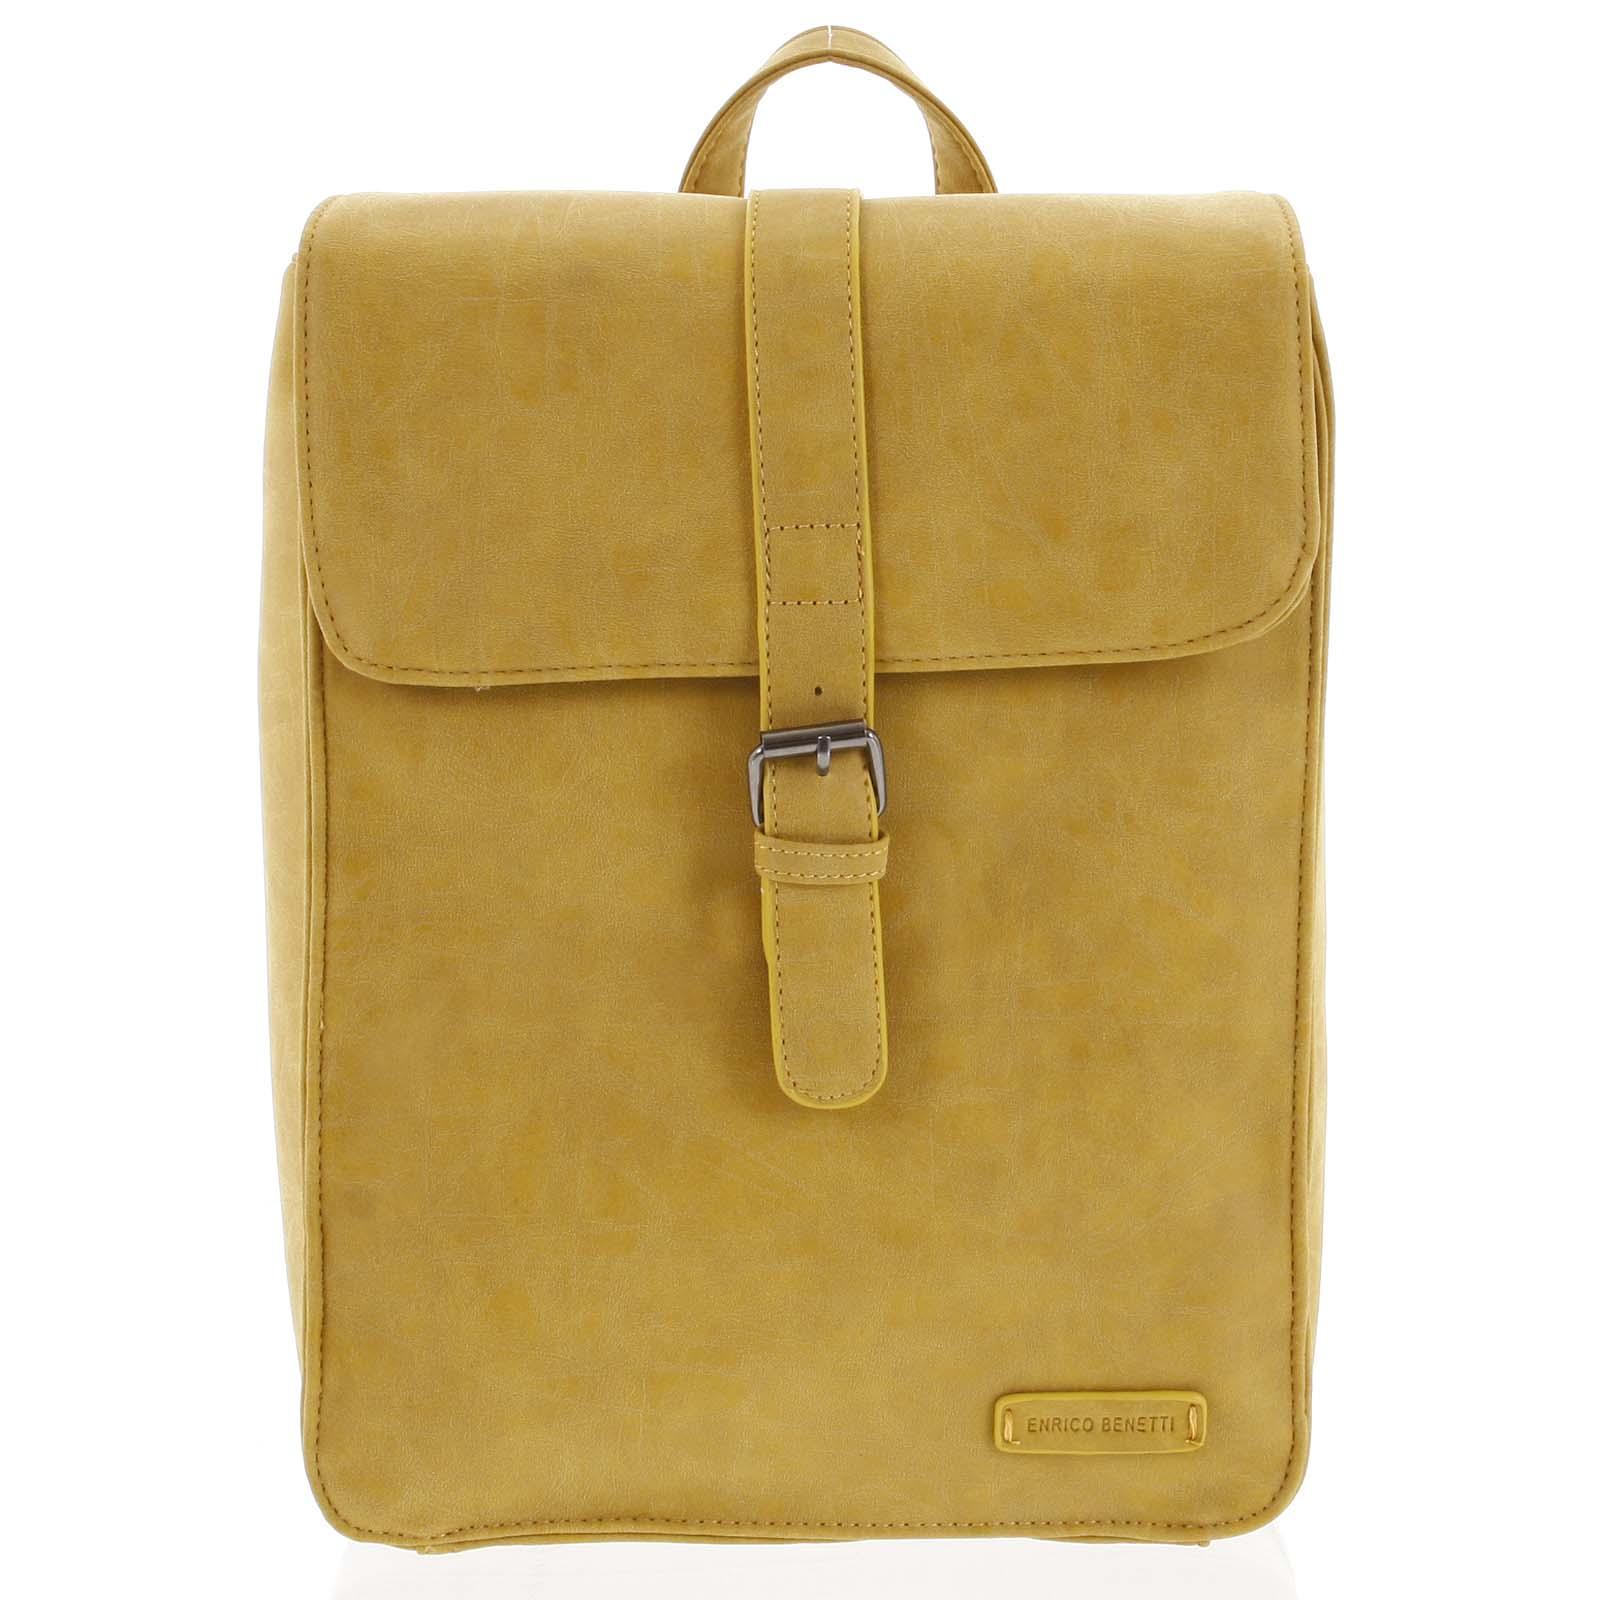 Štýlový batoh žltý- Enrico Benetti Steffani